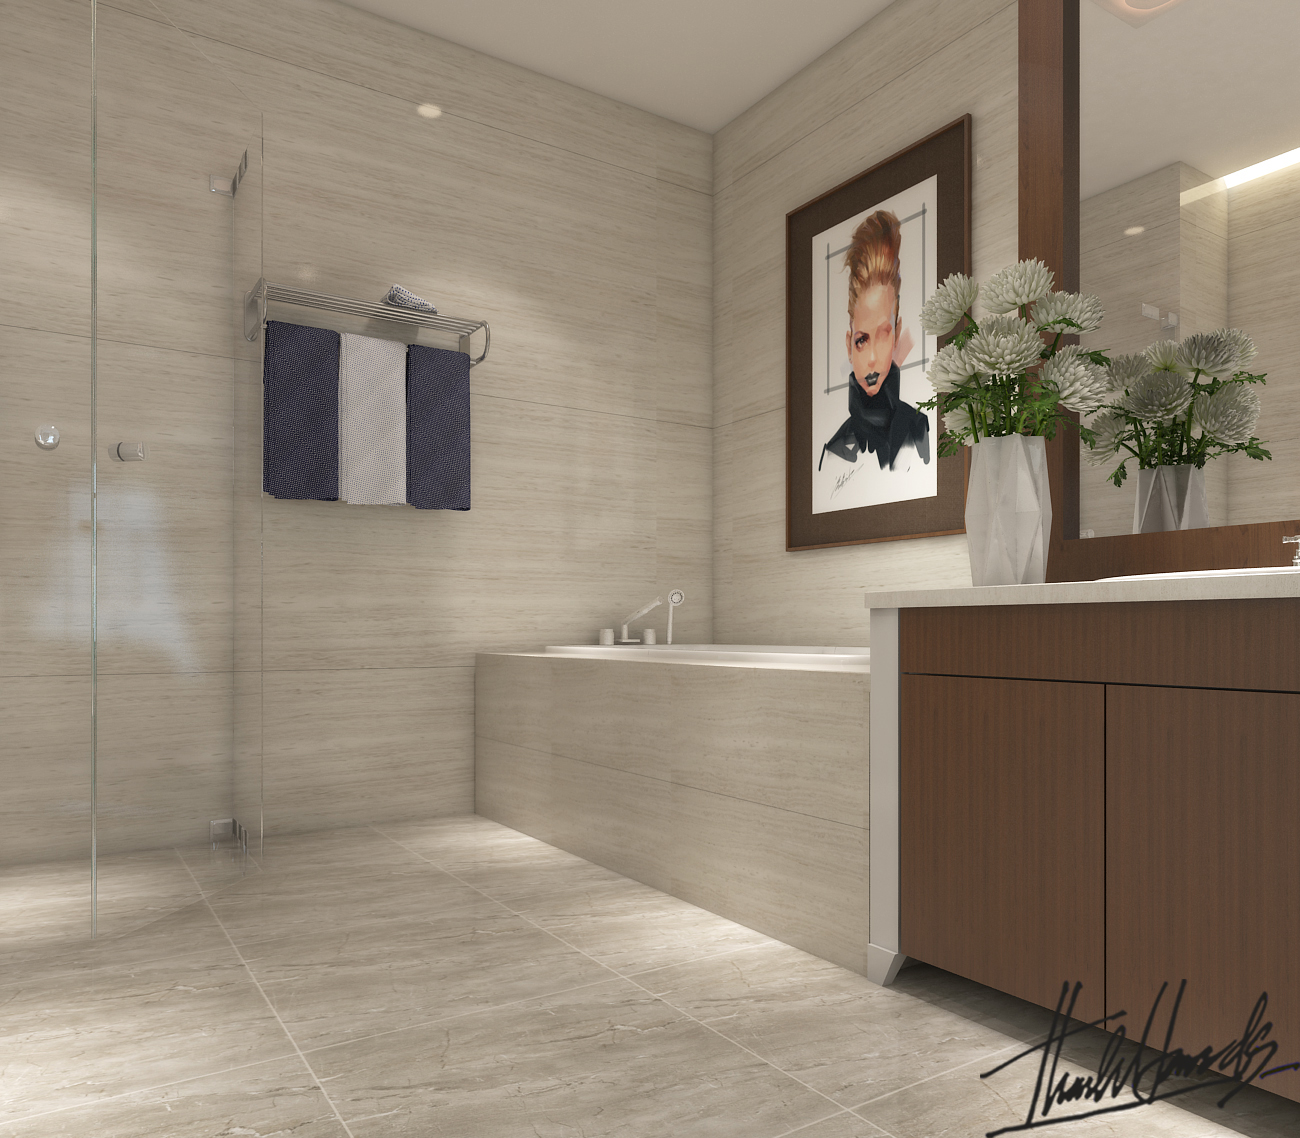 thiết kế nội thất chung cư tại Hà Nội chung cư roya city 20 1568274330